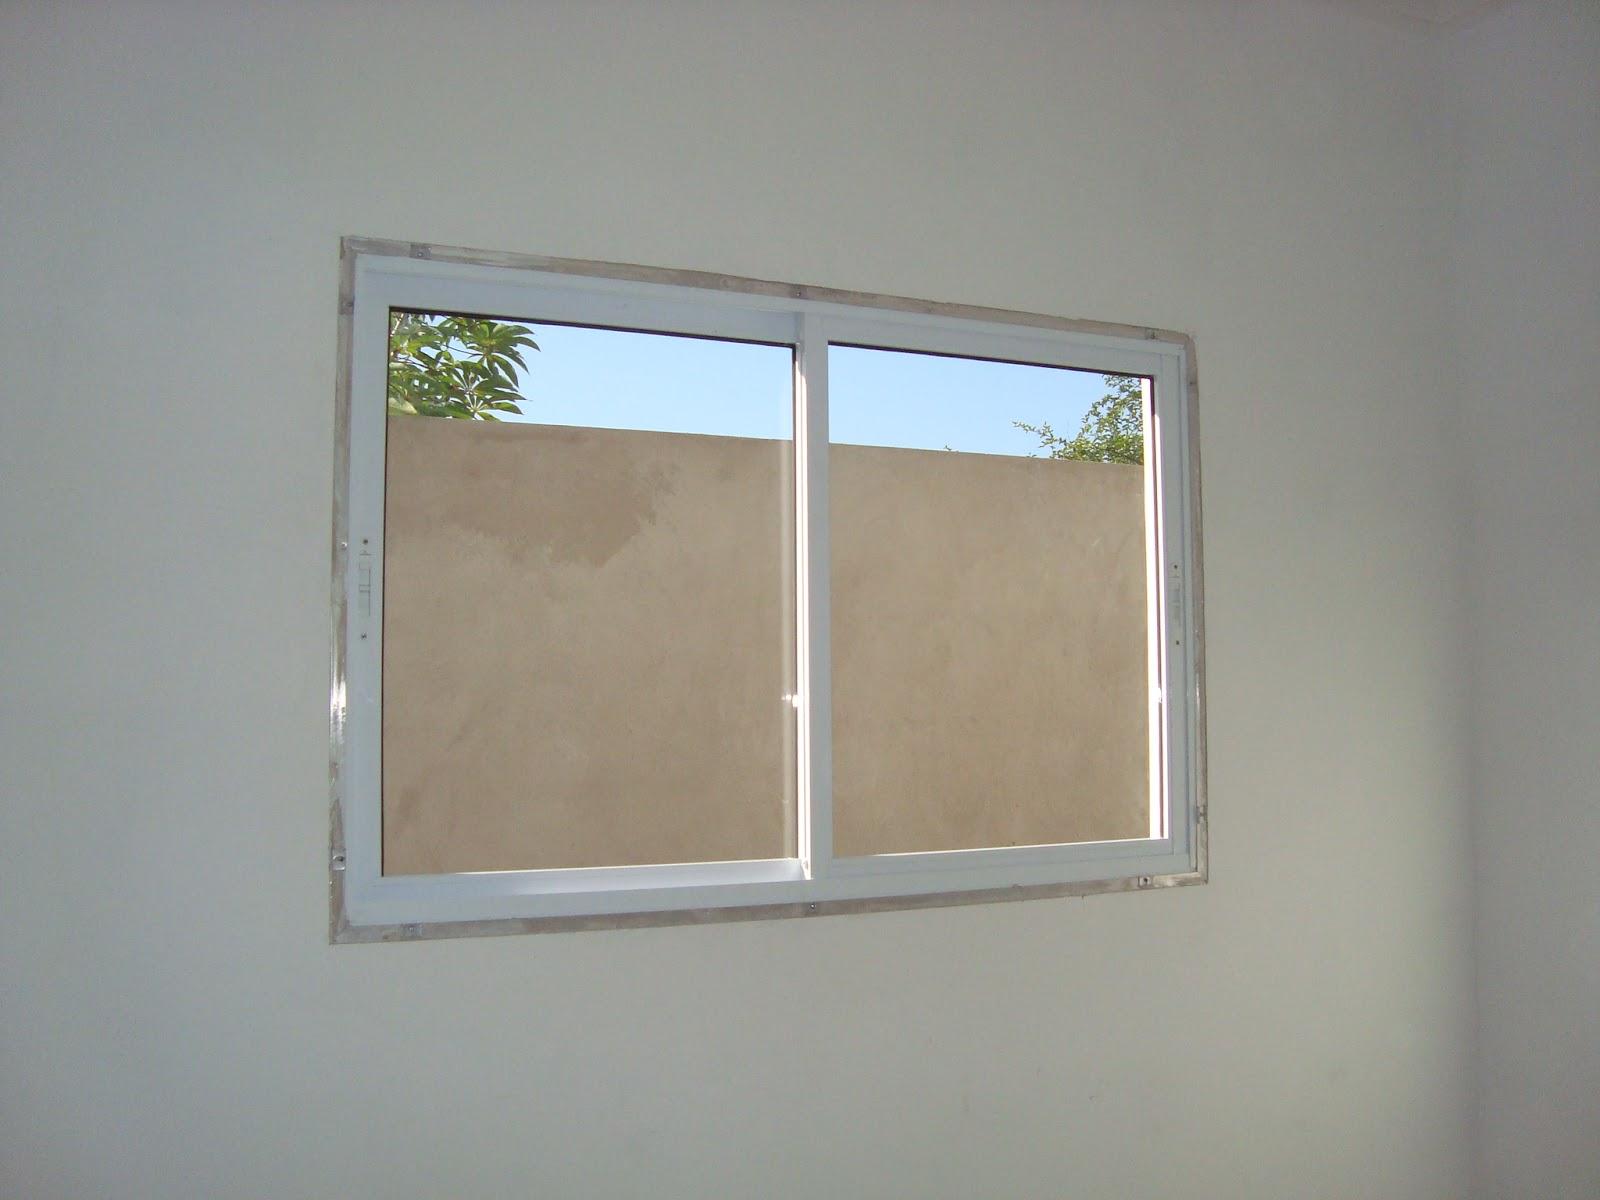 janela do atelier . ainda falta colocar as molduras das janelas #336D98 1600x1200 Banheiro Com Janela Interna